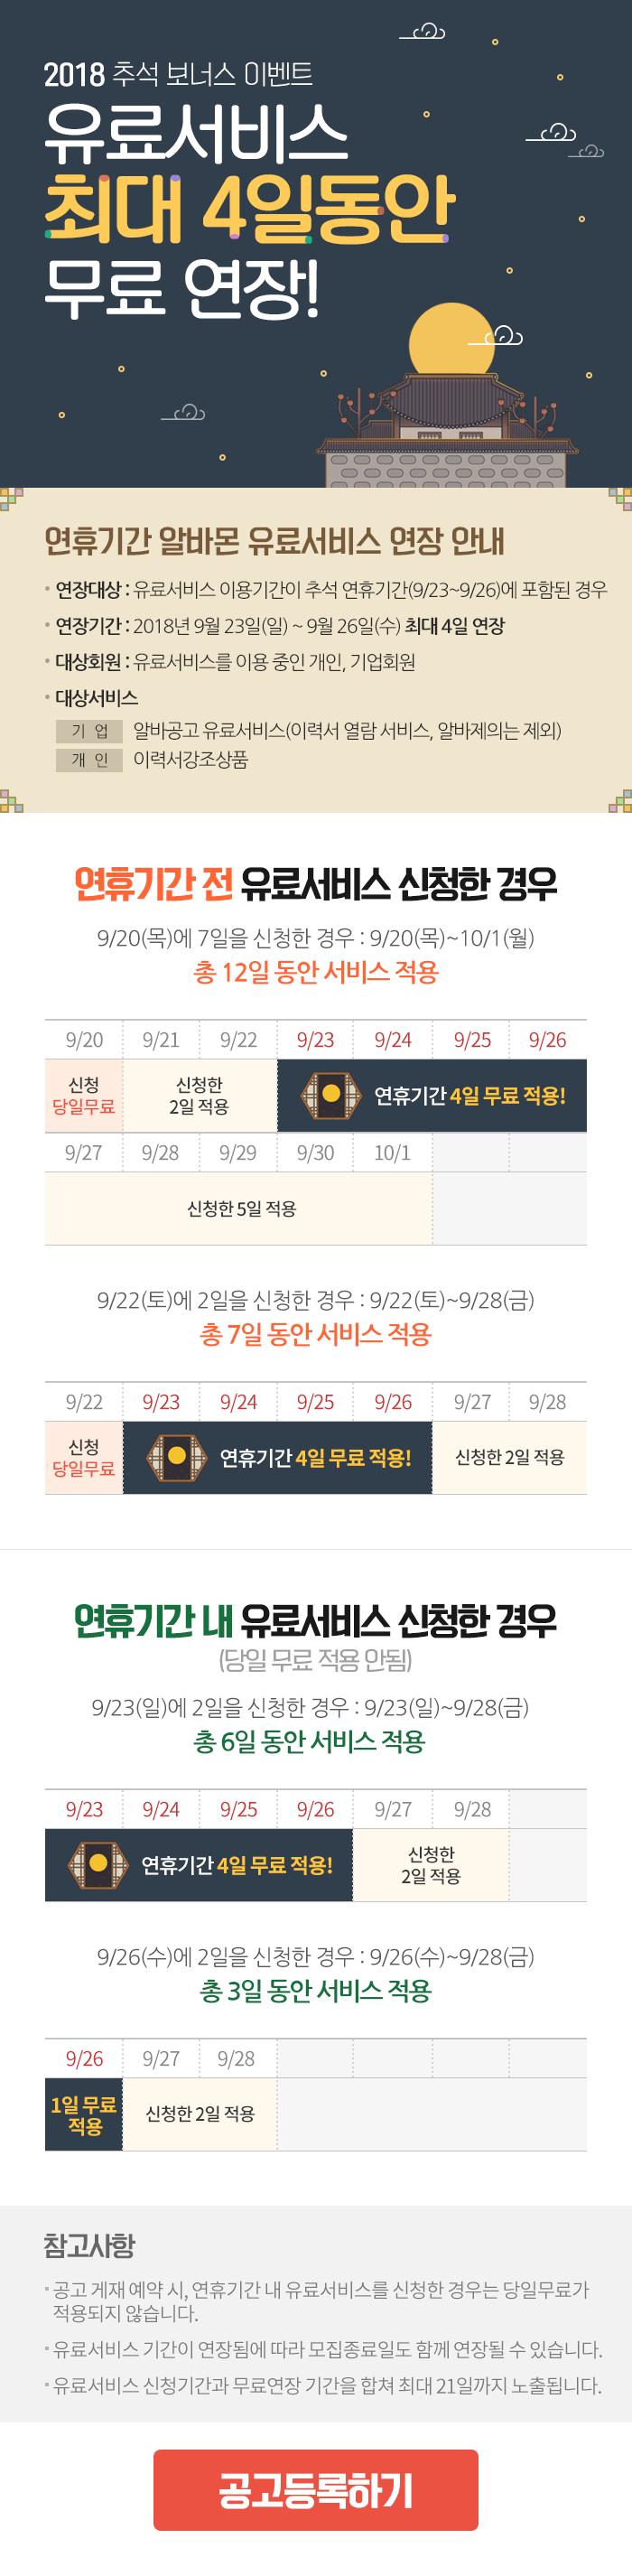 추석 연휴 유료상품 최대 4일 무료연장